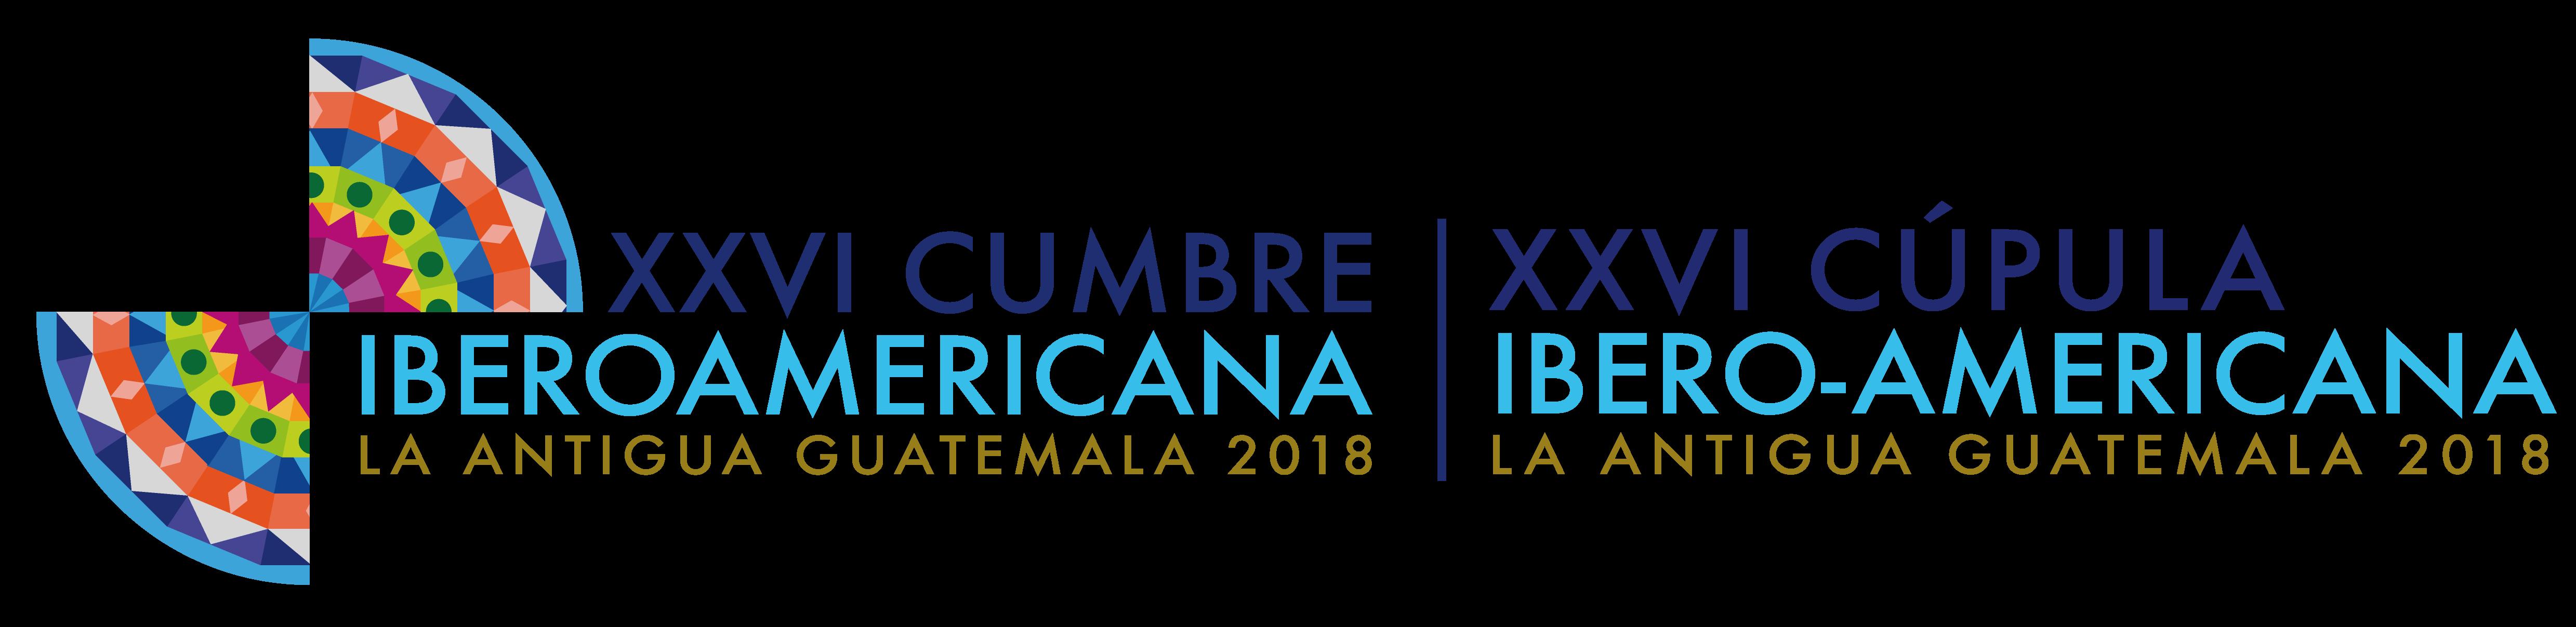 LOGO CUMBRE2018_Bilingue